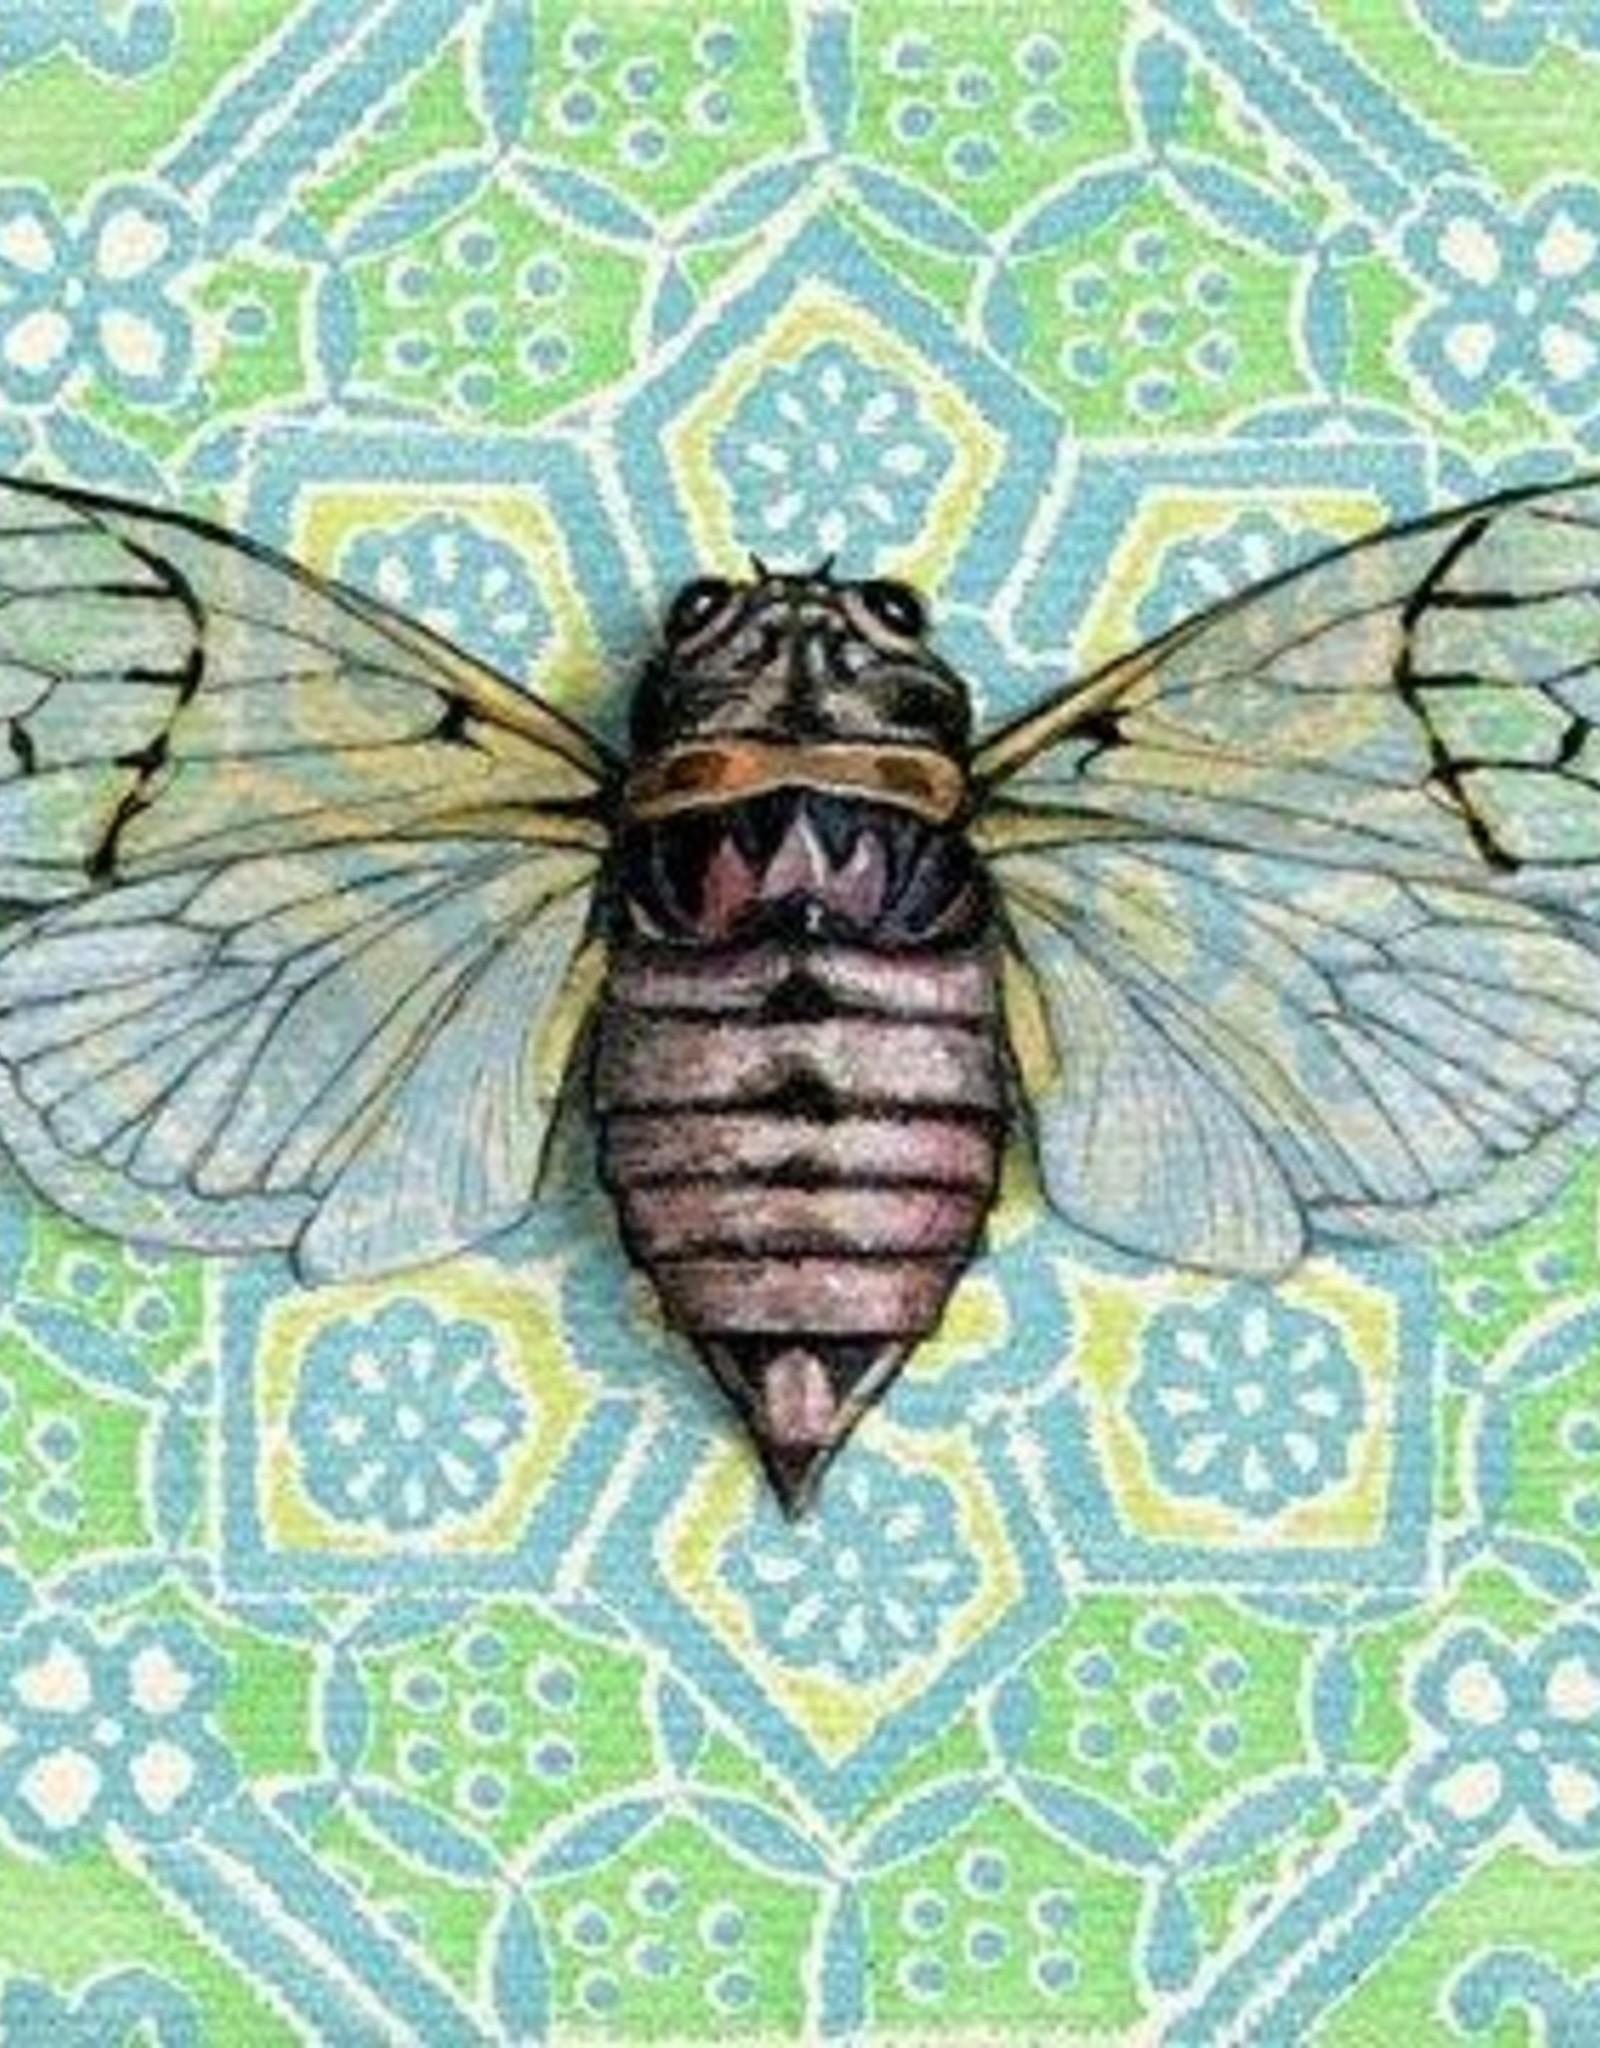 Emily Uchytil Assorted 8x10 Horizontal Prints by Emily Uchytil